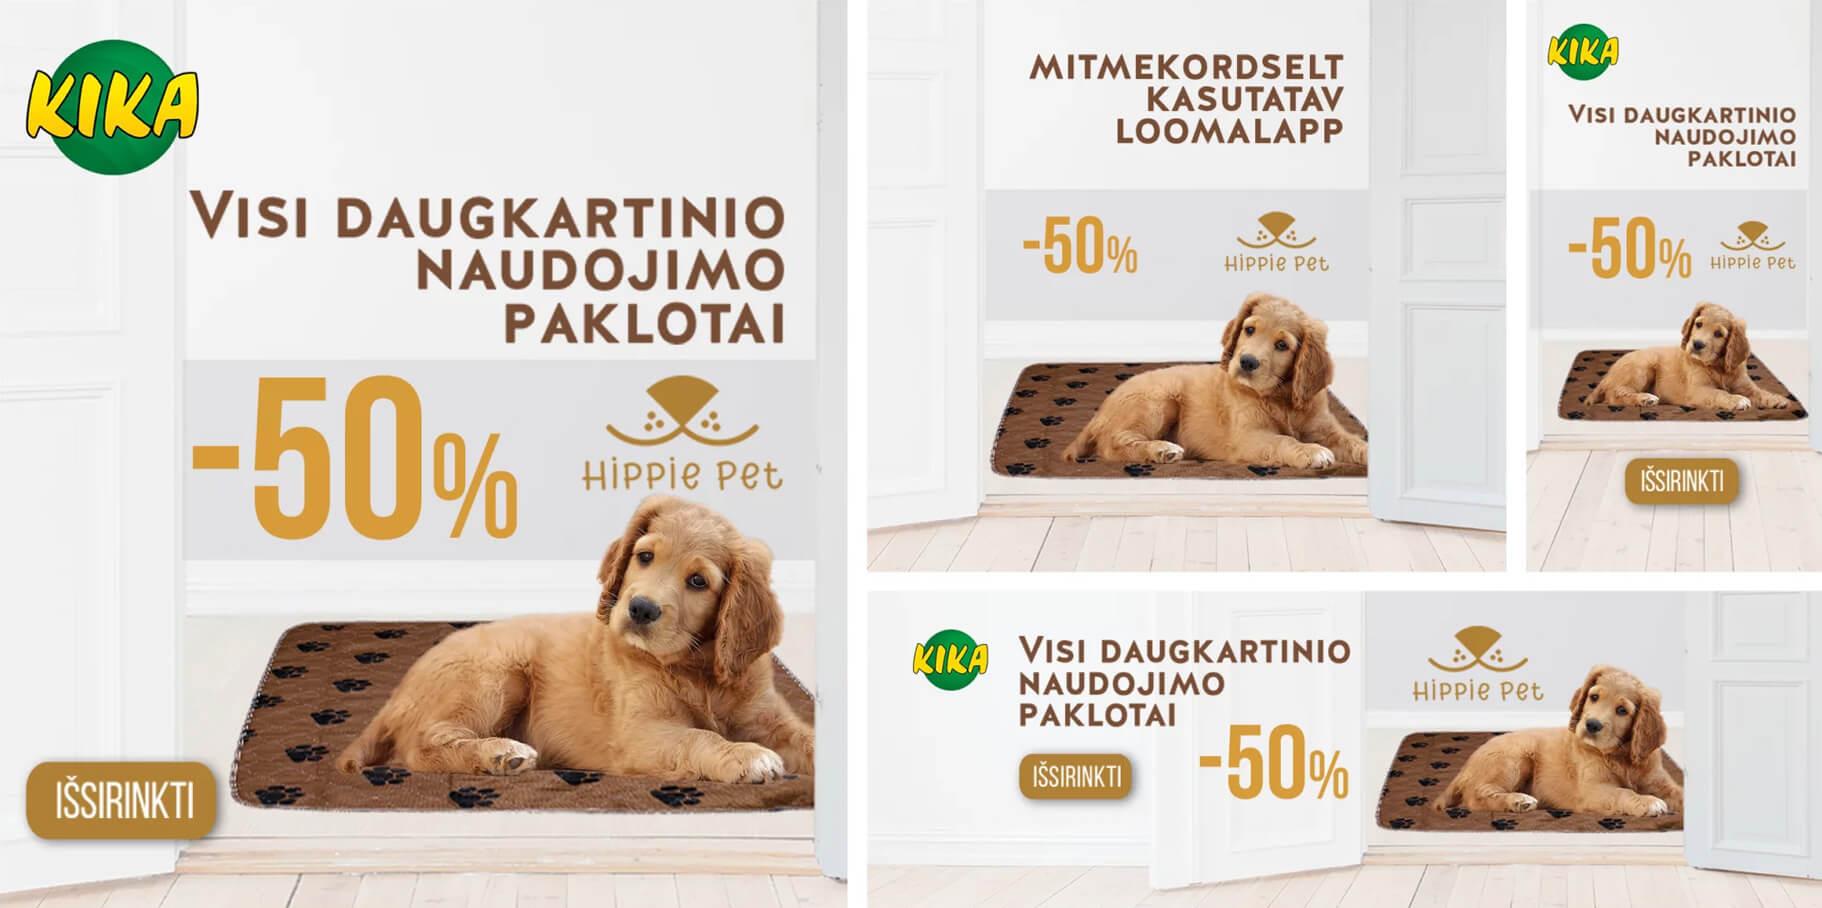 reklaminiai-baneriai-kika (1)